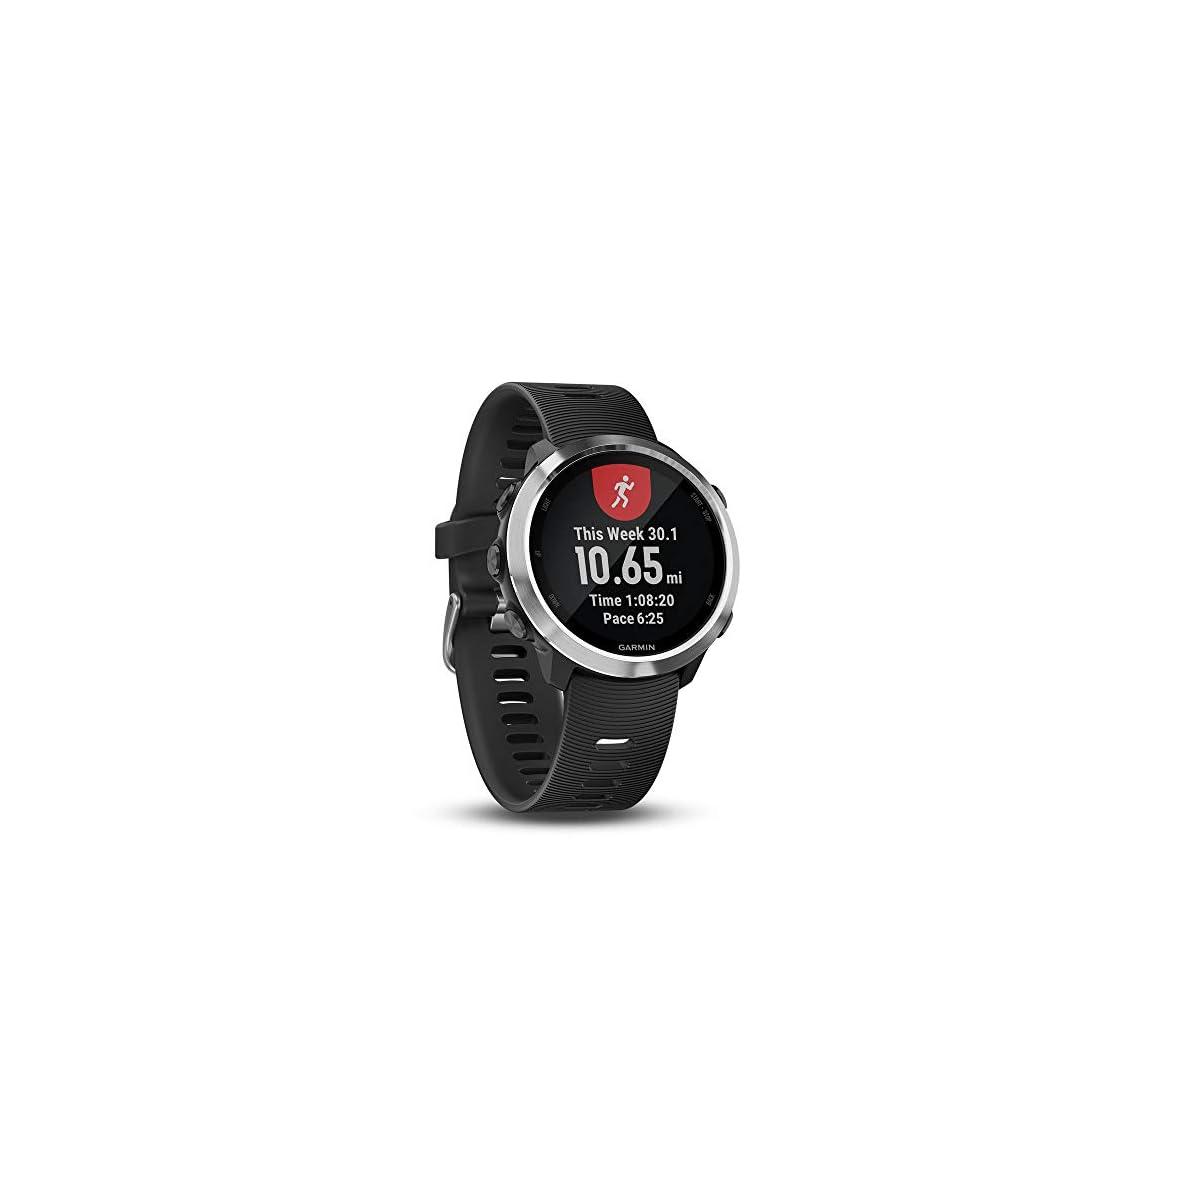 41yfZS5QpwL. SS1200  - Garmin GPS Reloj/PULSOM FR645 Music NEG Acampada y Senderismo, Adultos Unisex, Multicolor (Multicolor), Talla Única